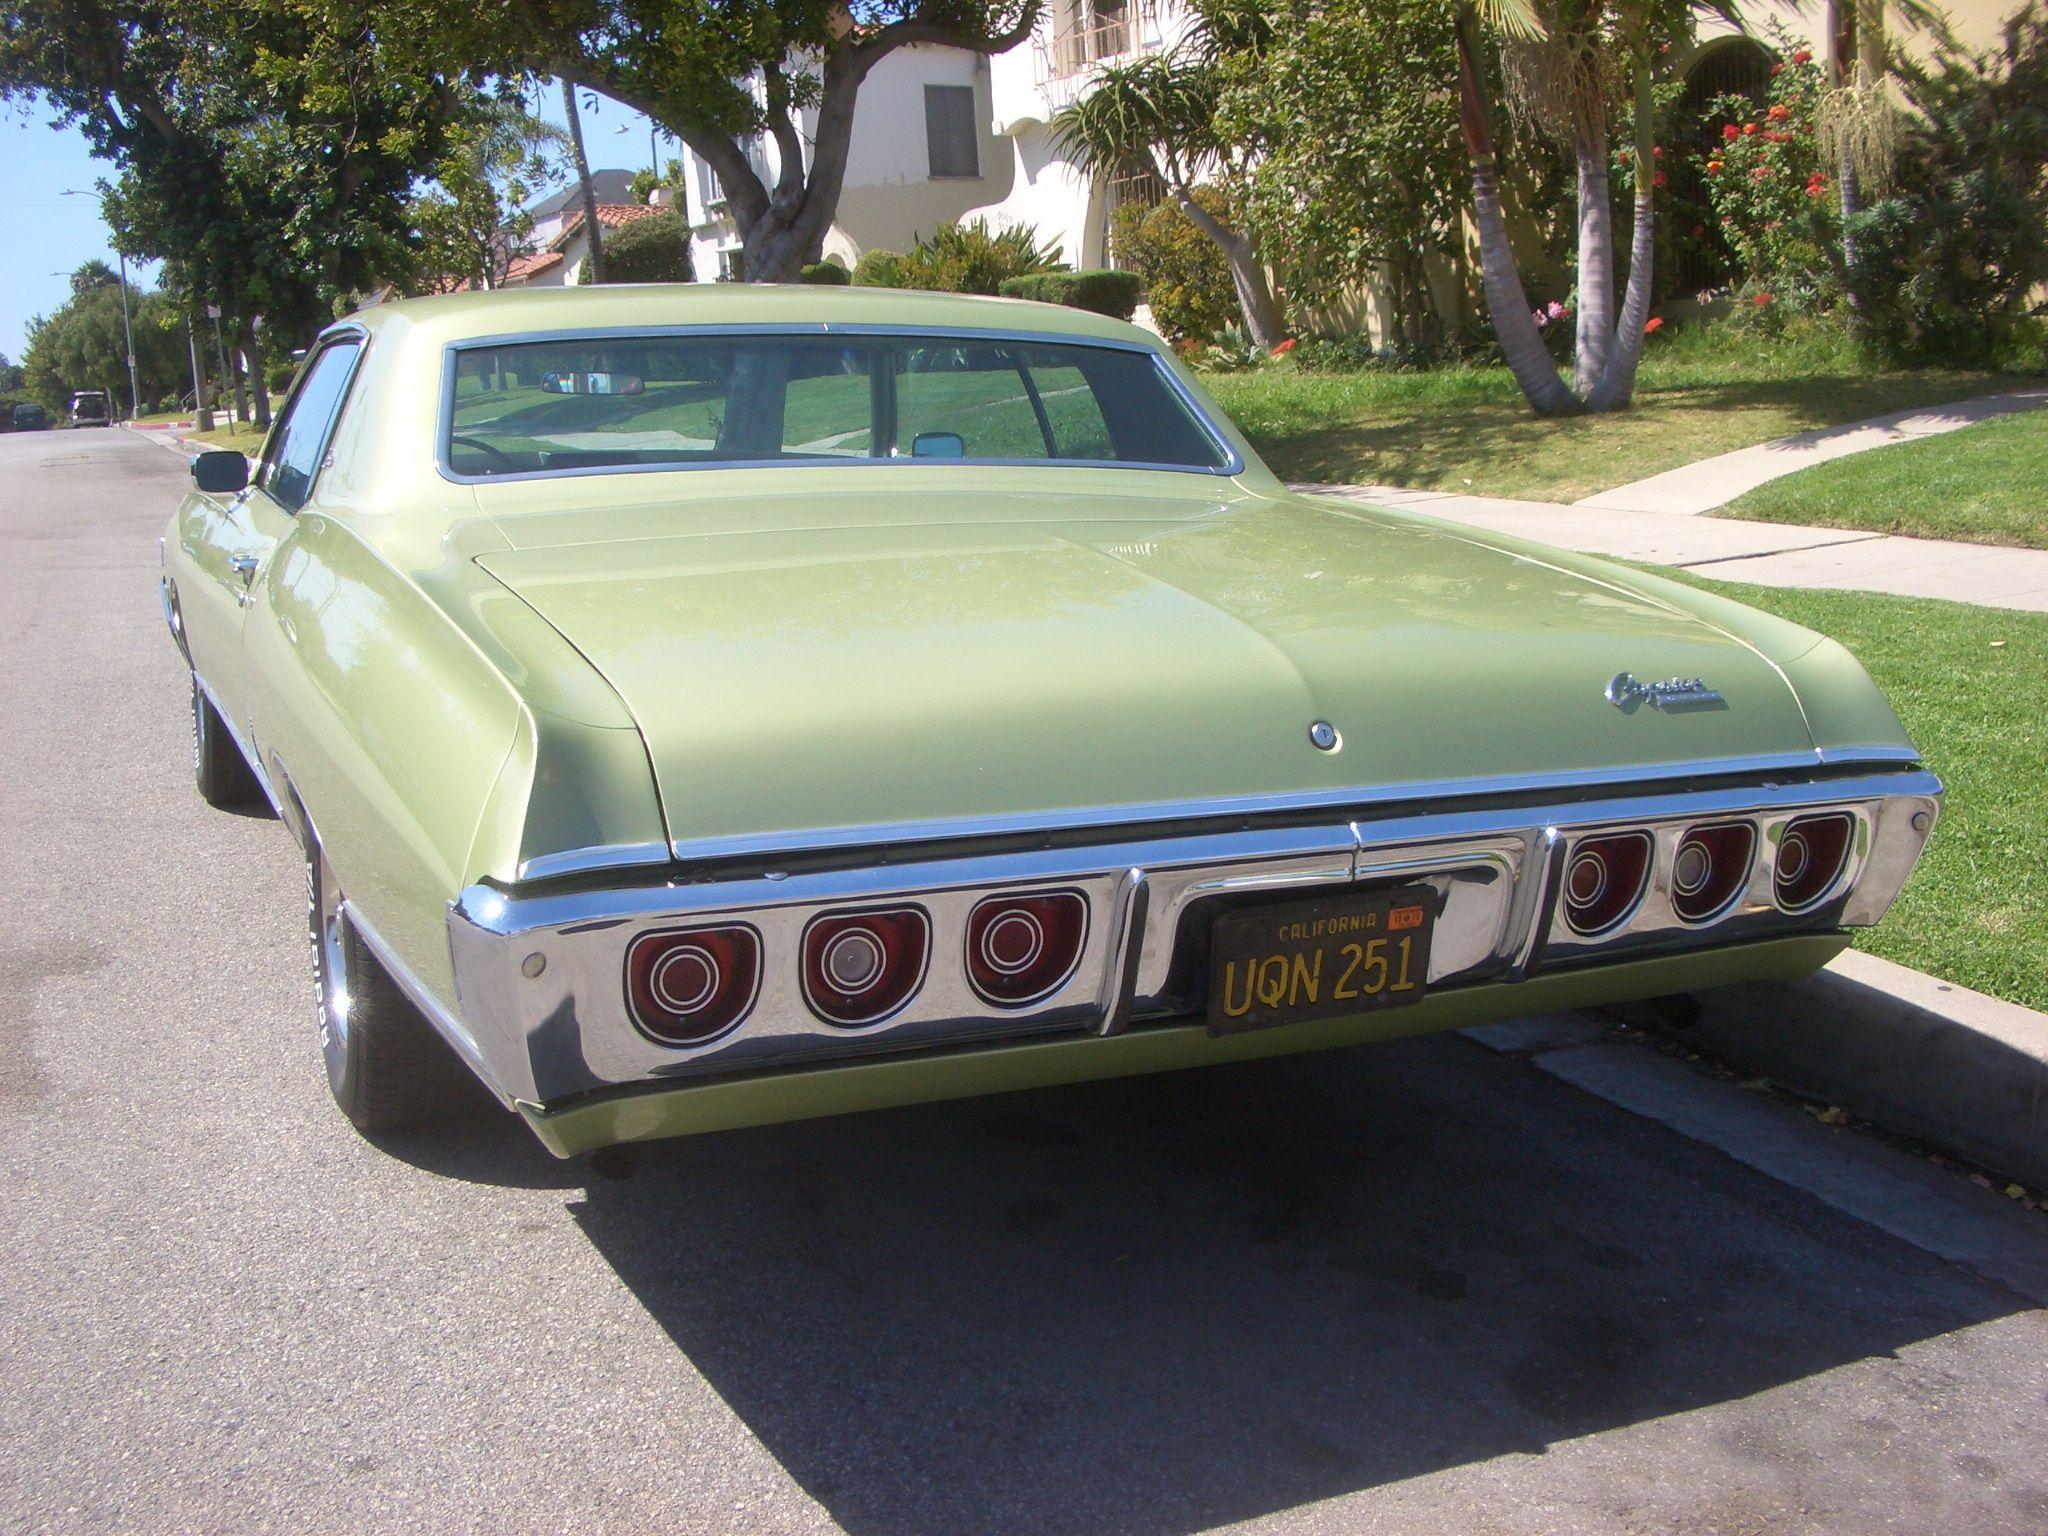 68 Caprice Chevrolet Impala Chevy Chevrolet